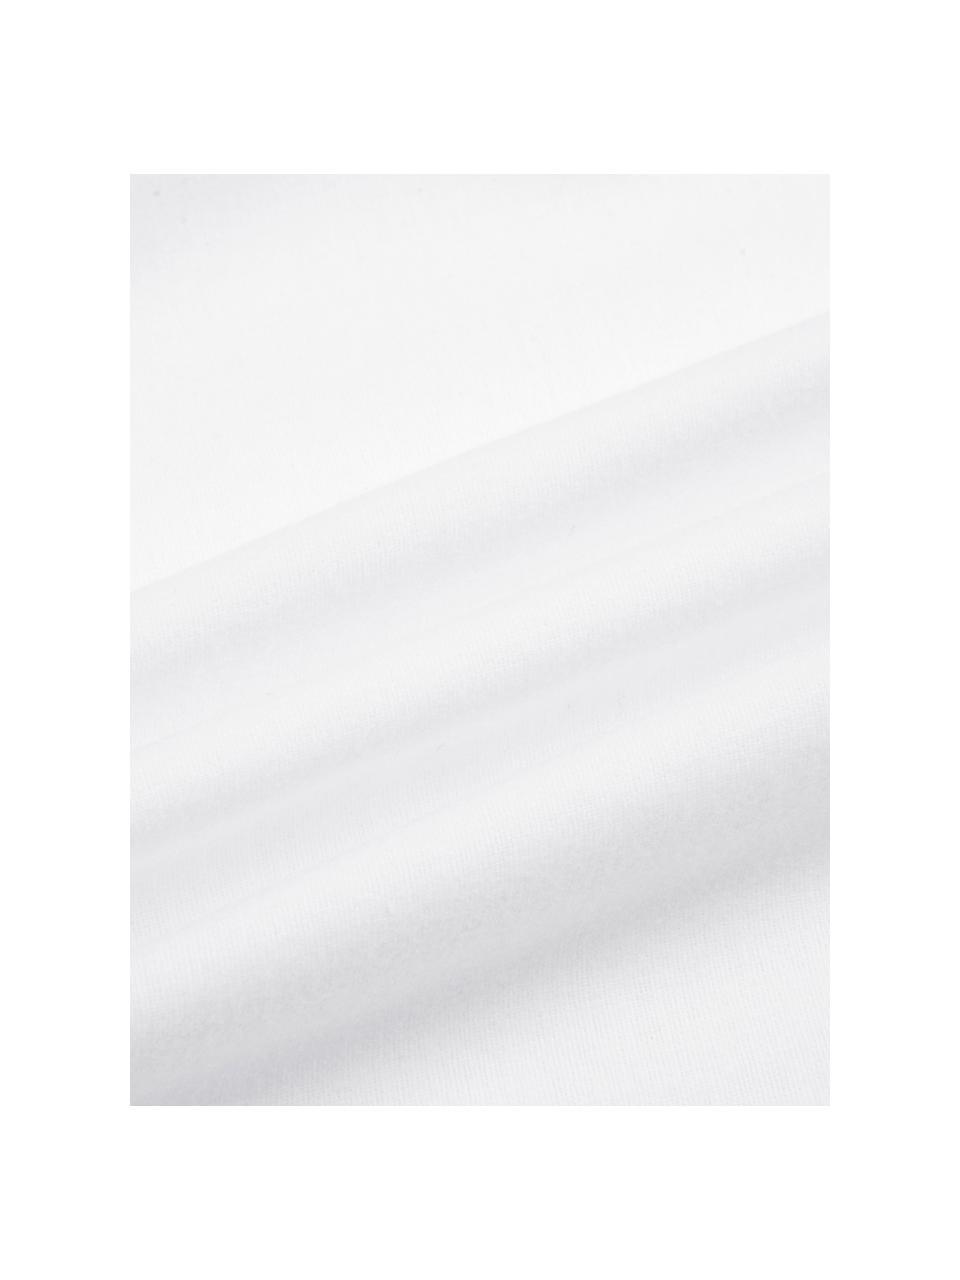 Flanell-Bettwäsche Biba in Weiß, Webart: Flanell Flanell ist ein k, Weiß, 155 x 220 cm + 1 Kissen 80 x 80 cm